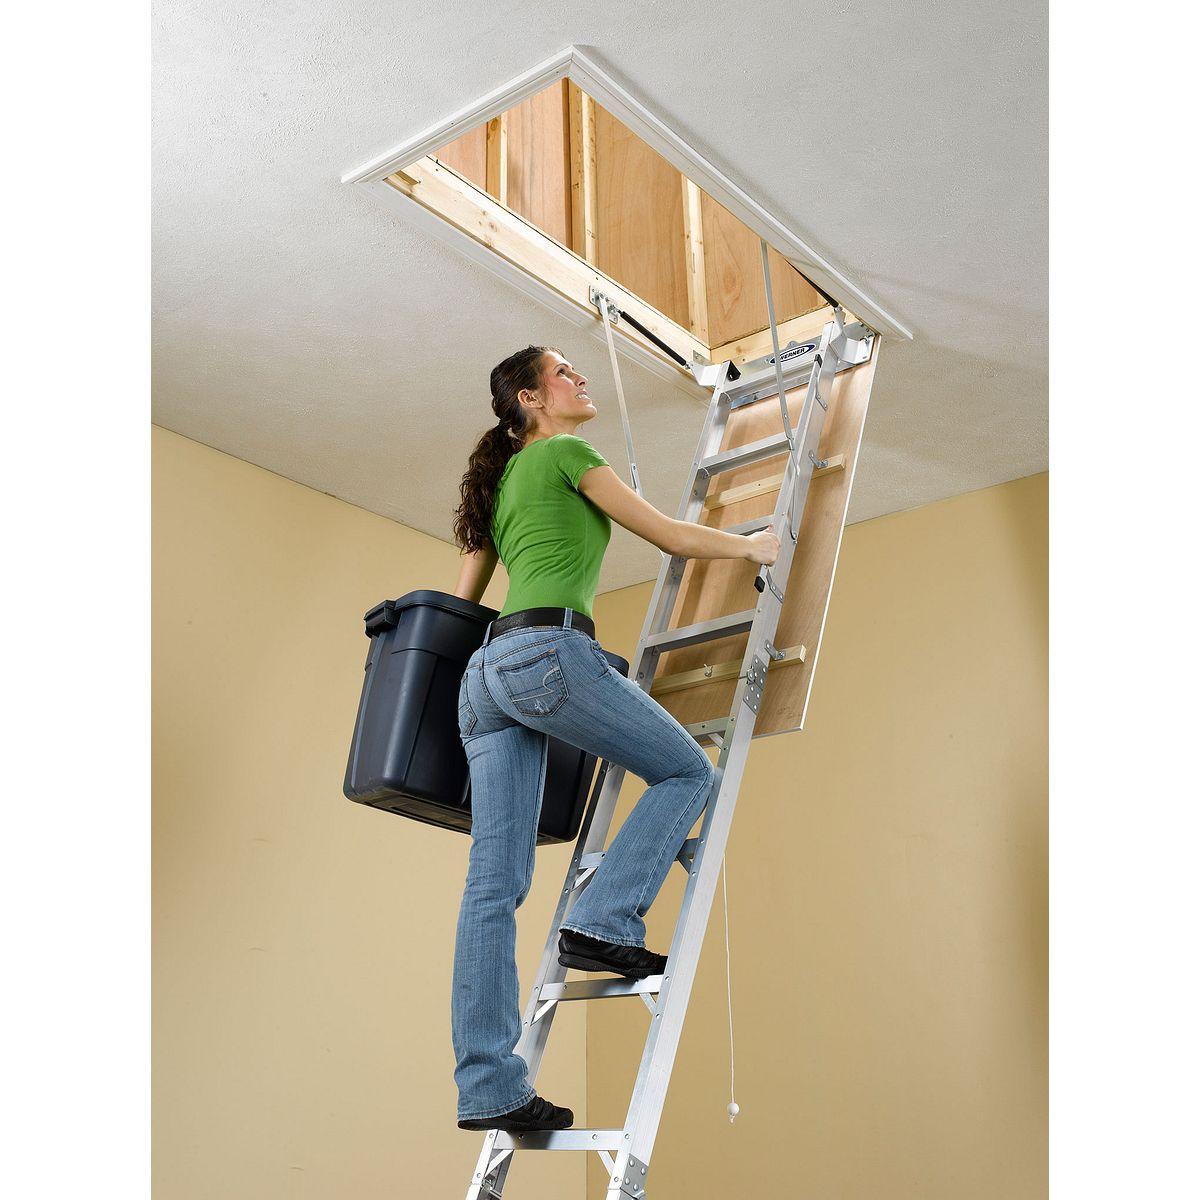 Ah2210 Attic Ladders Werner Us